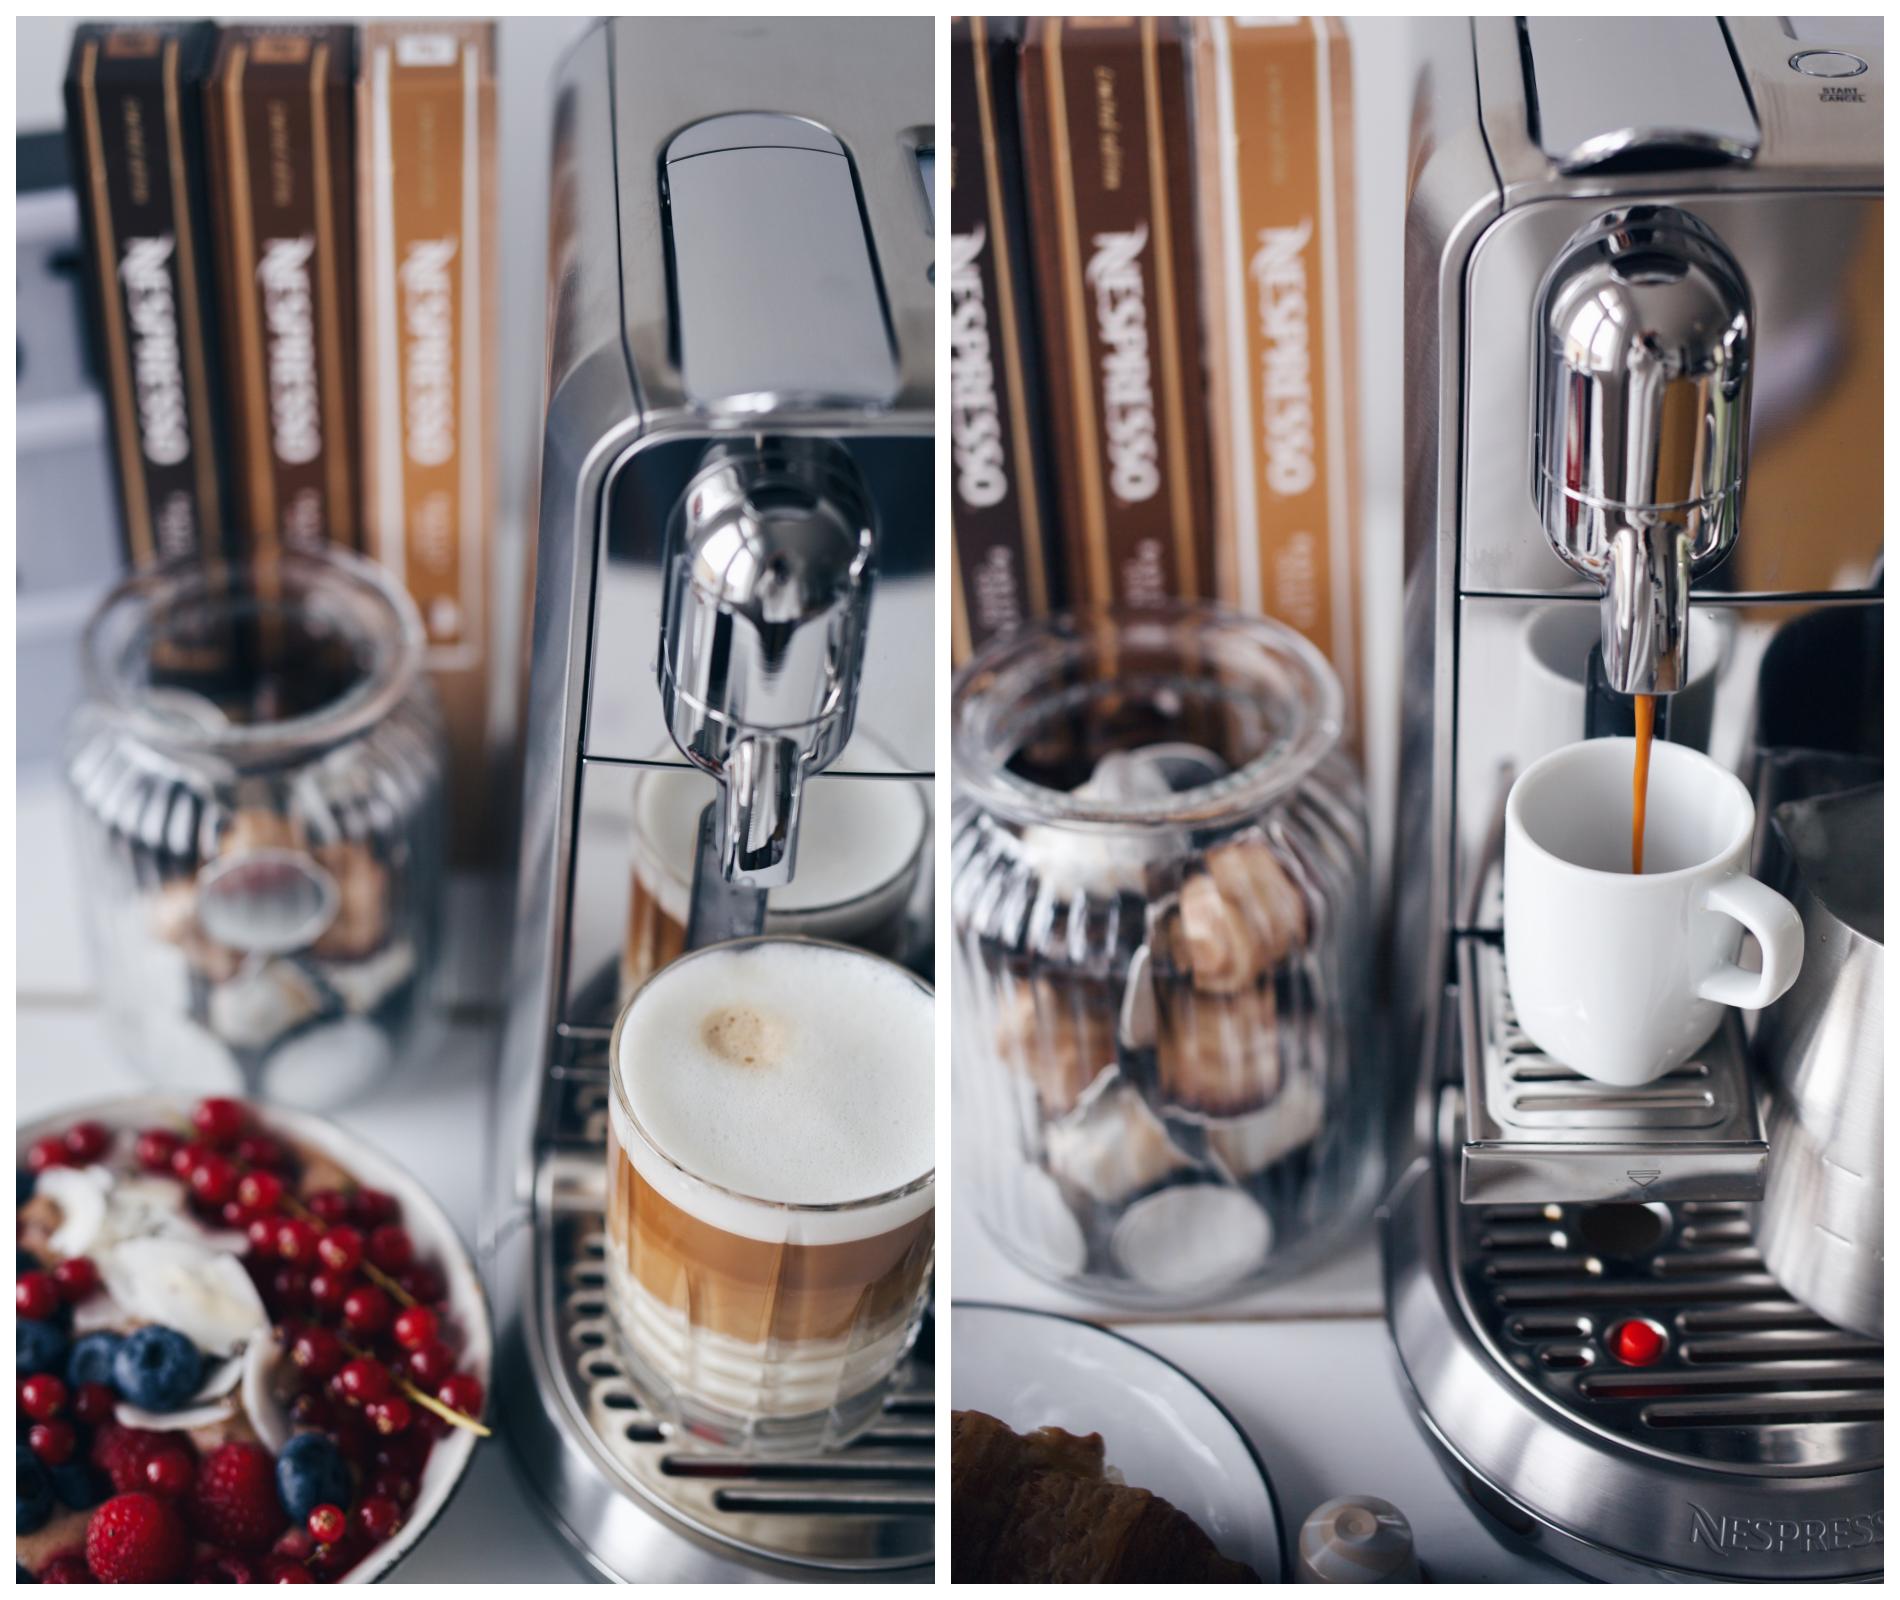 Creatista Plus von Nespresso, Barista Nespresso Limited Edition